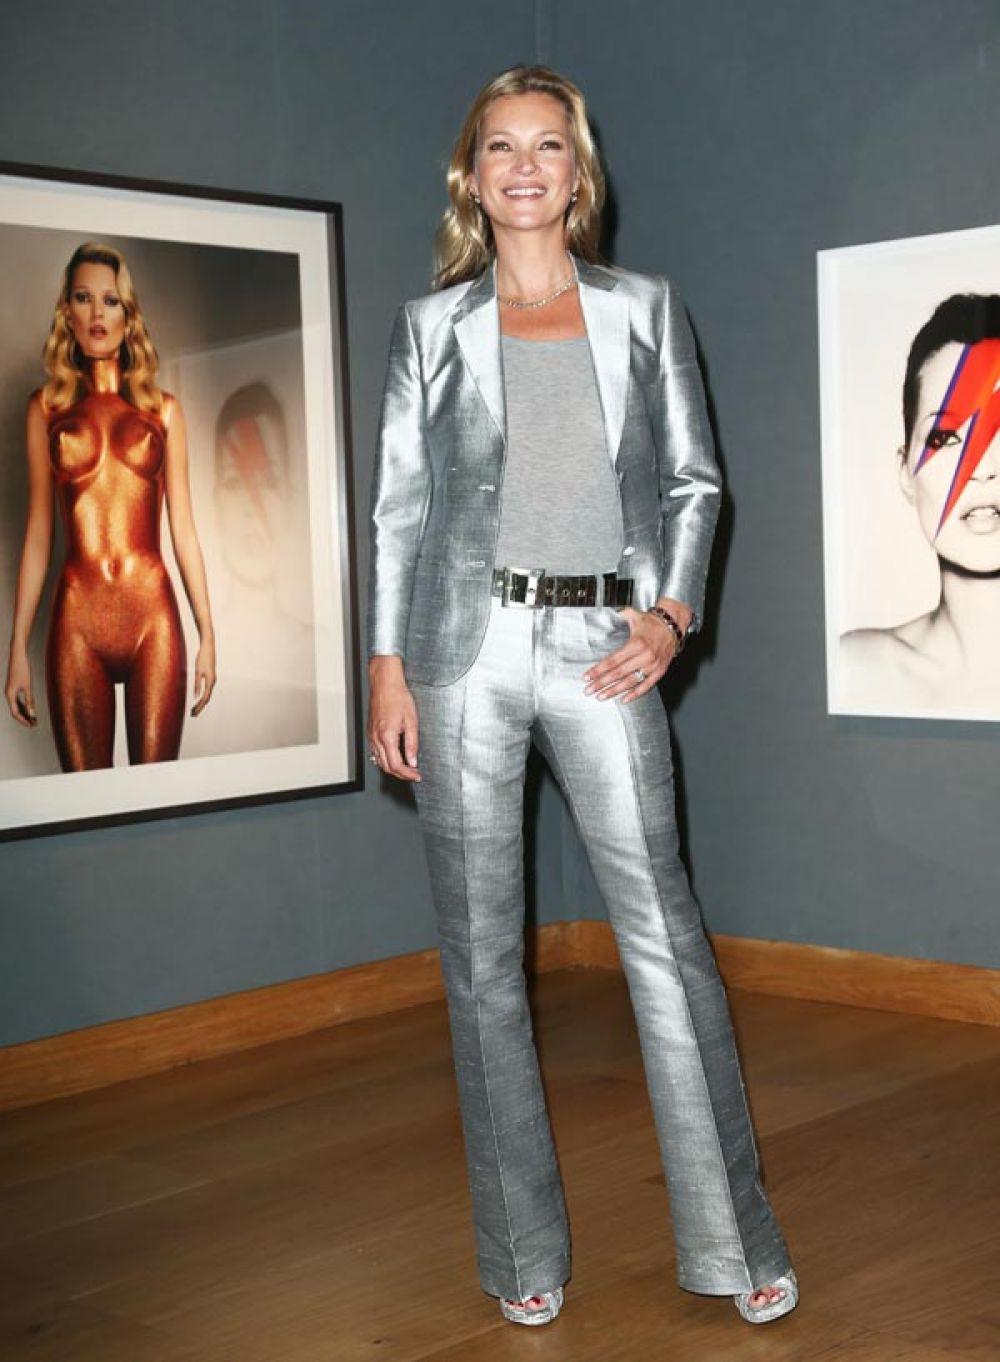 Кейт Мосс на предварительном показе аукциона Christie's, где будут выставлены работы с ее изображением. 2013 год.